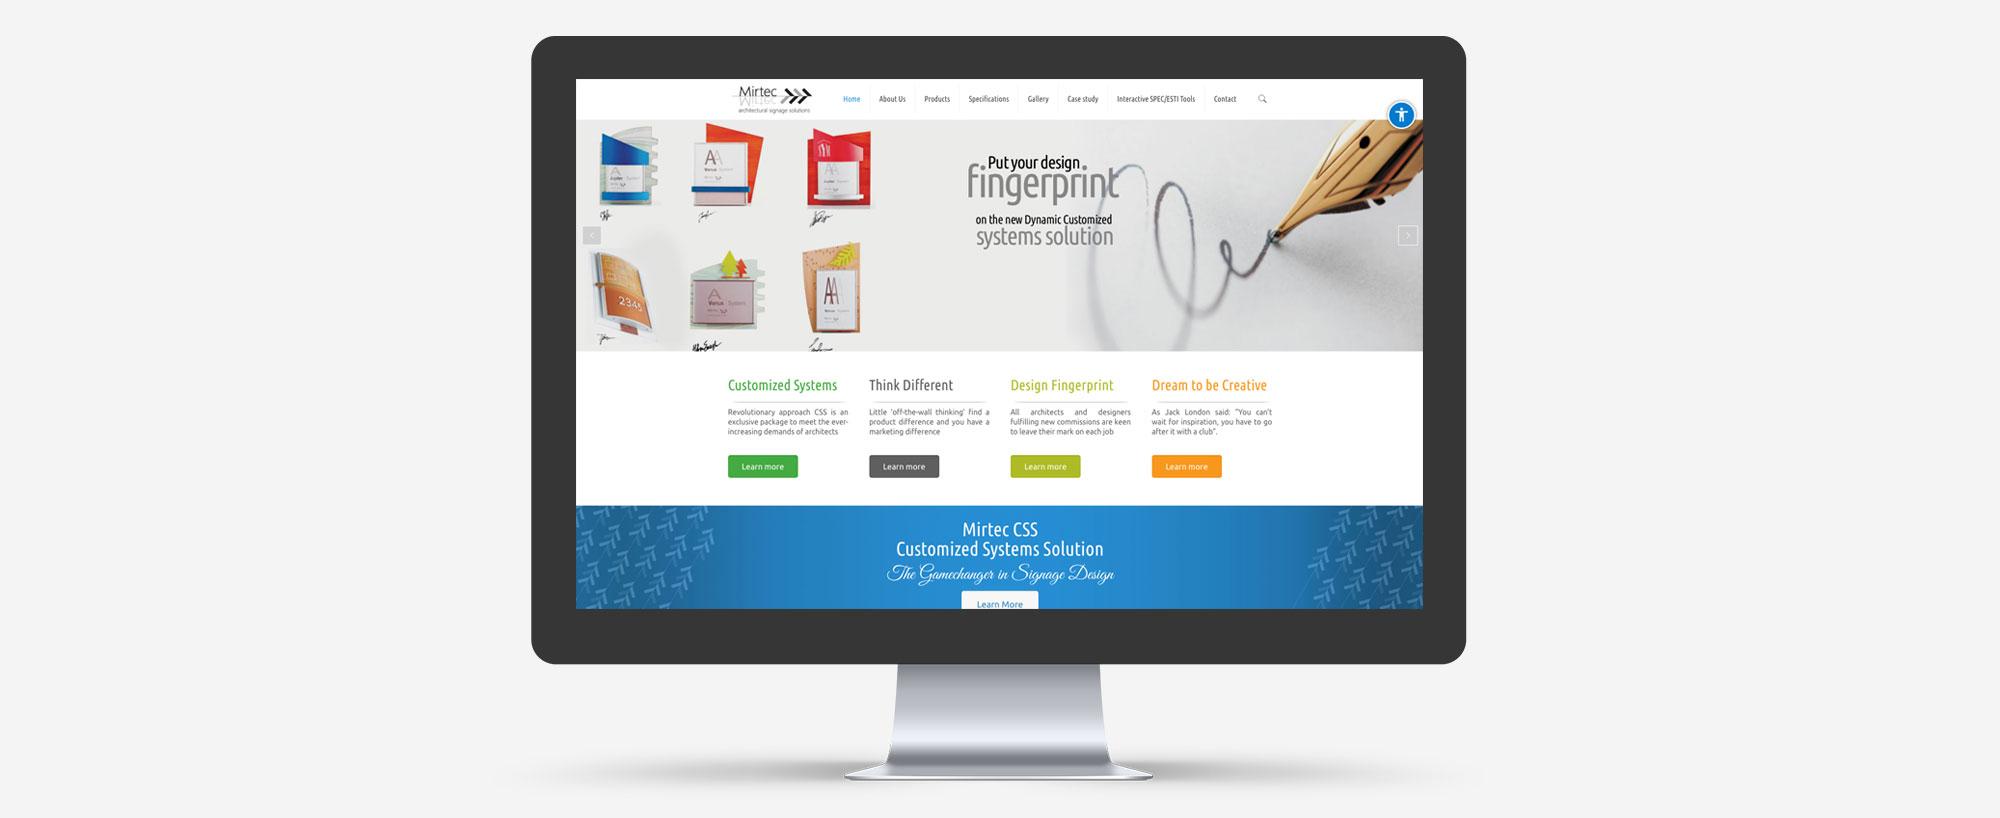 עיצוב ובניית אתר לחברת שילוט